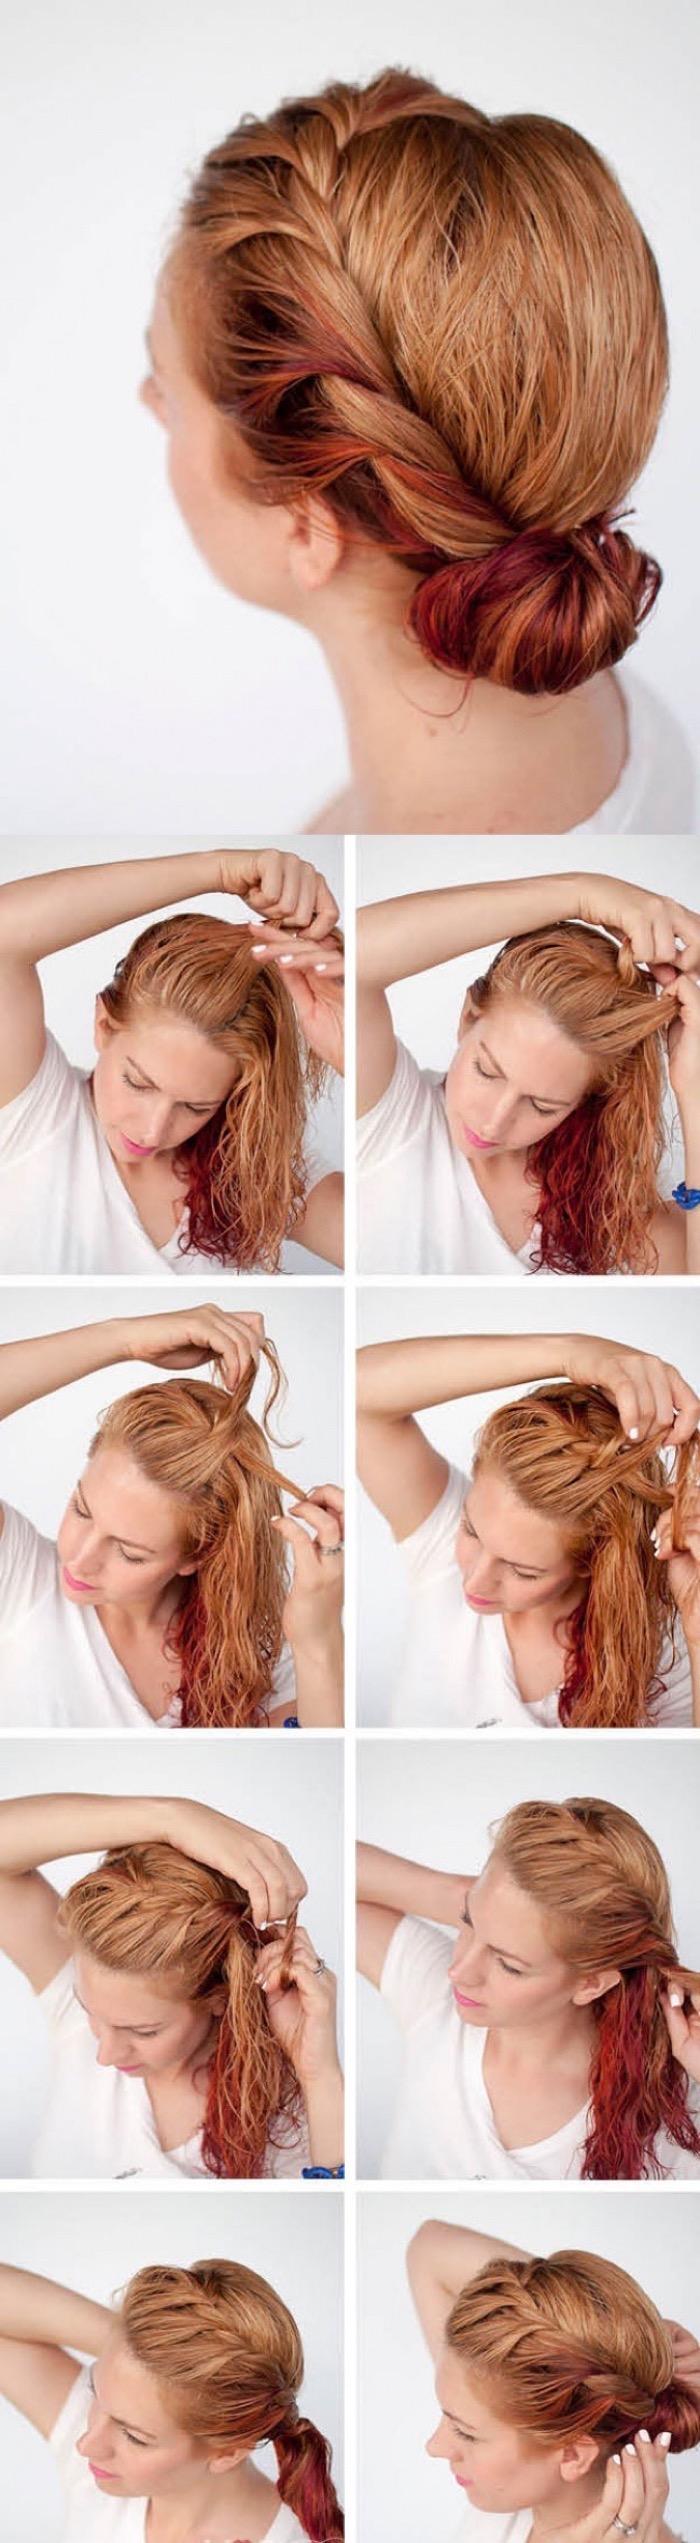 Самые легкие быстрые прически на средние волосы